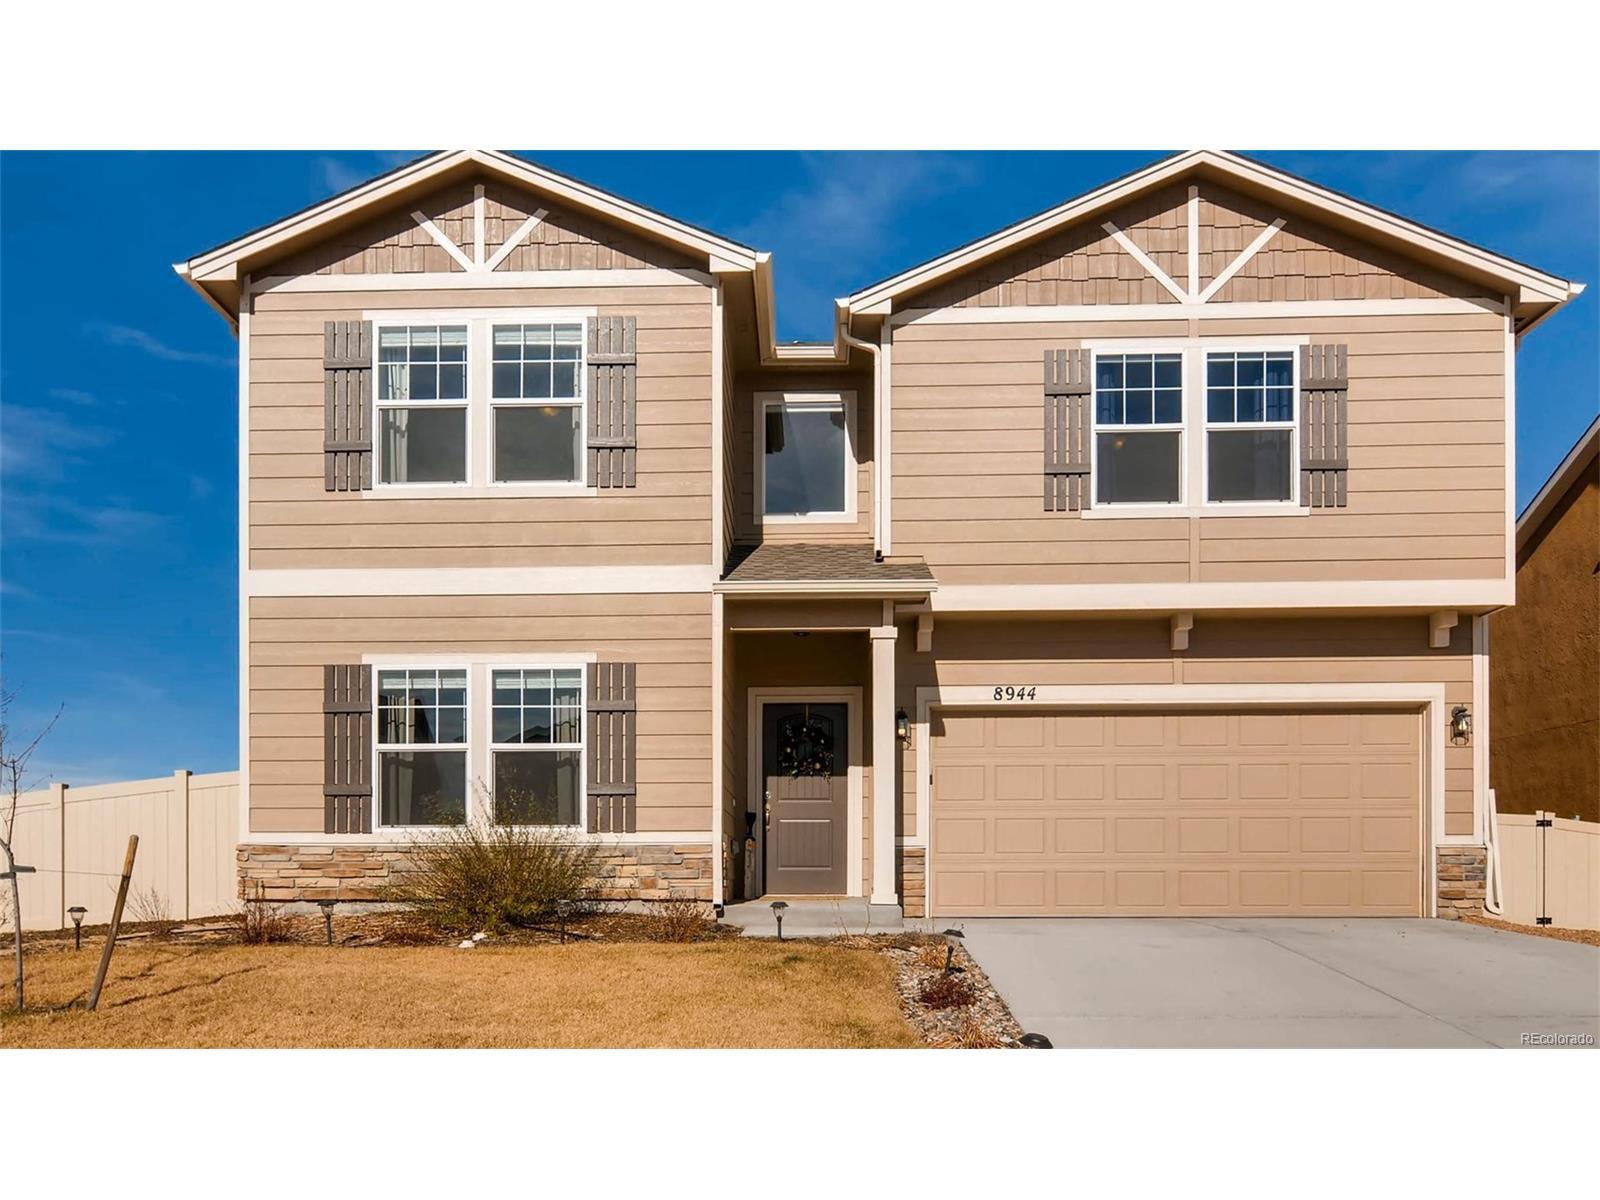 8944 Vanderwood Rd Colorado Springs CO Estimate and Home